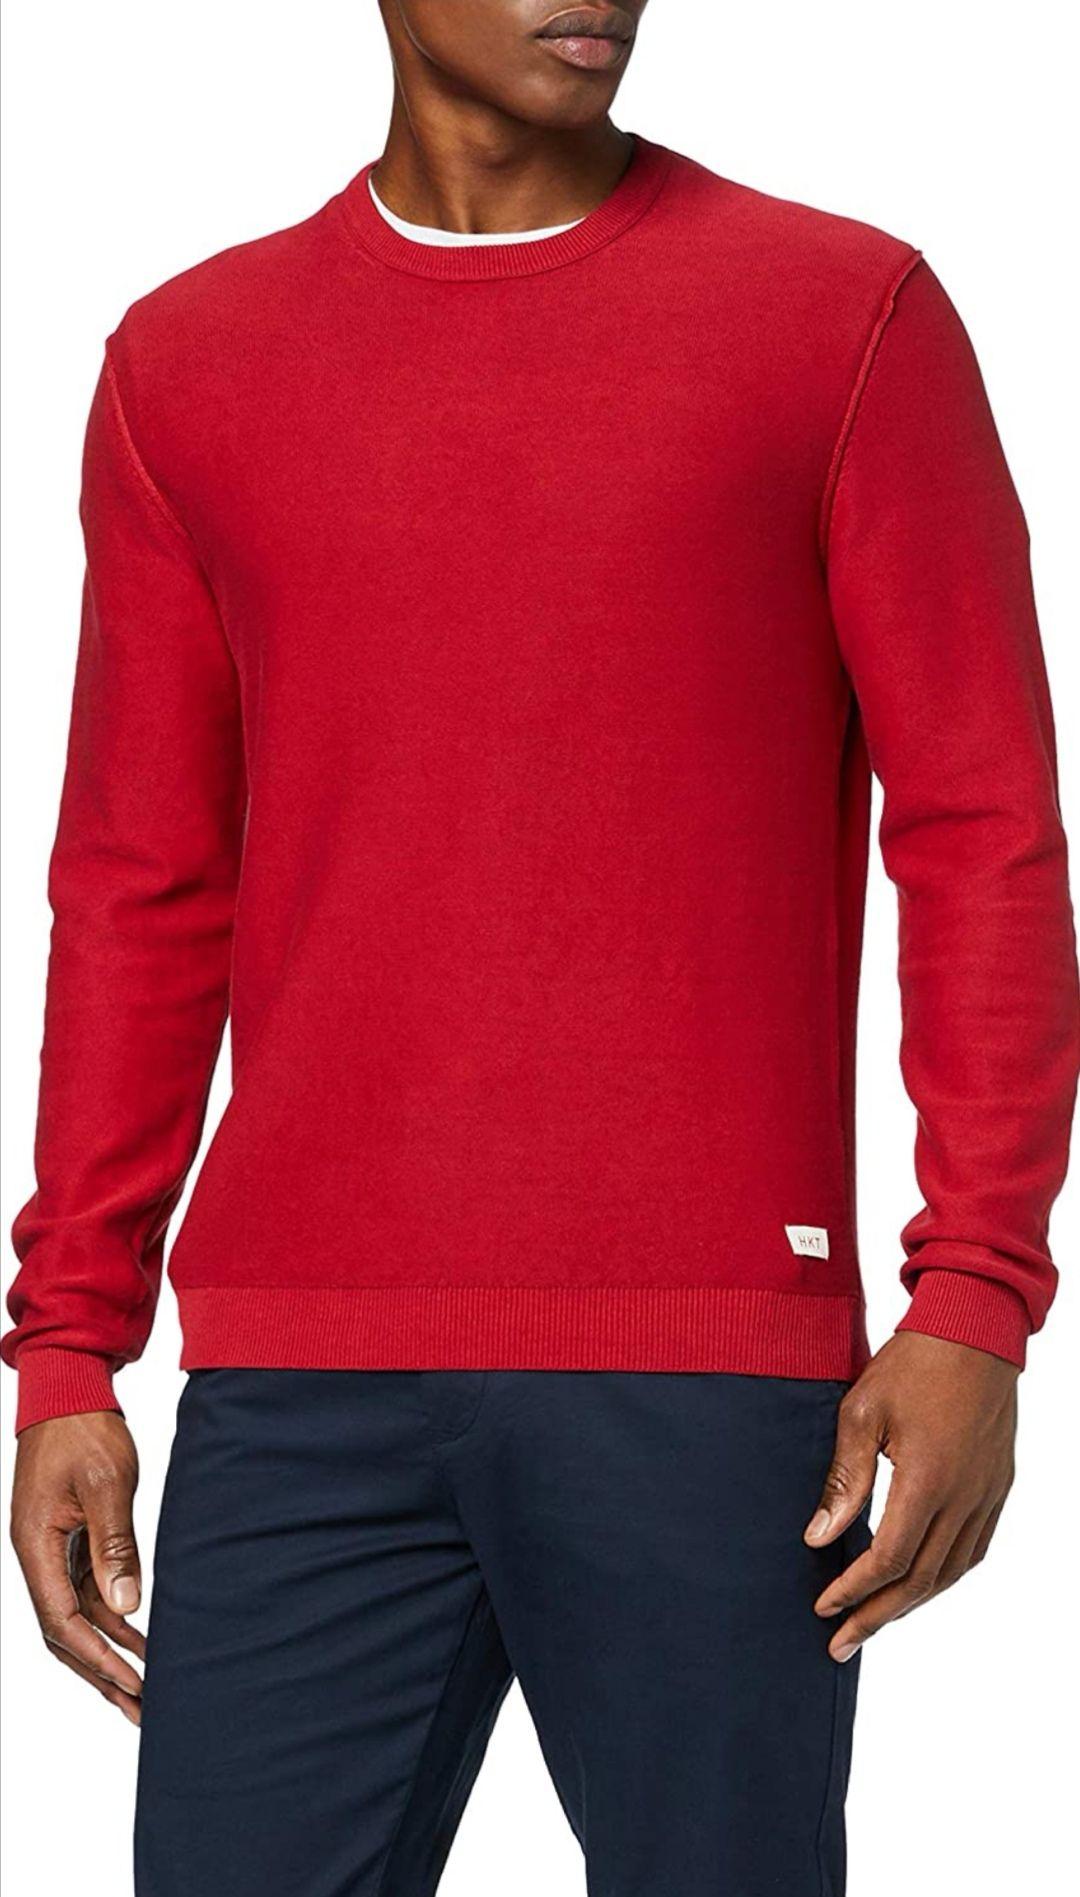 Jersey de algodón Hackett talla S